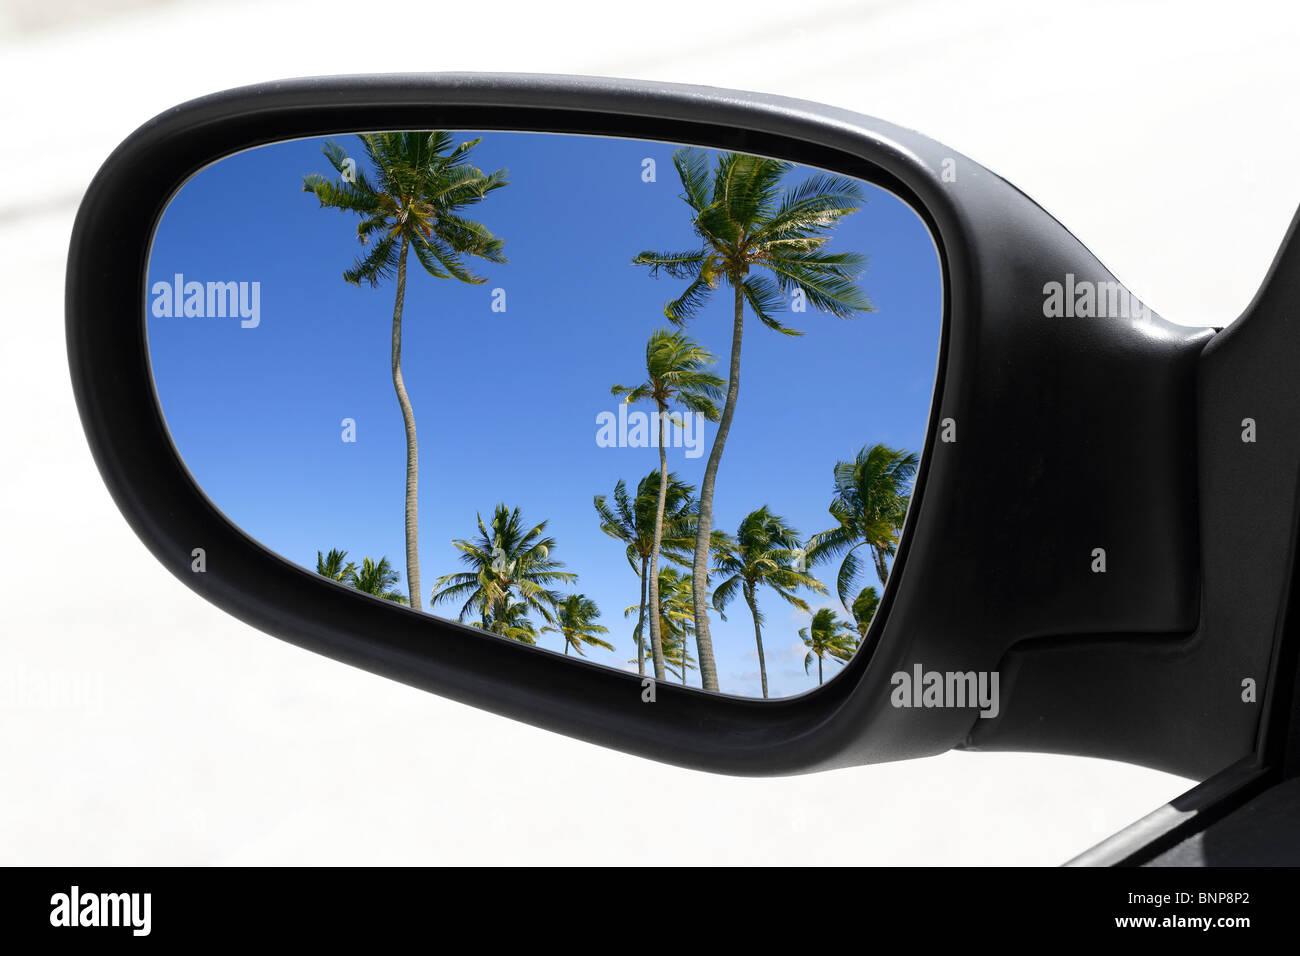 Specchietto di guida auto mirror view palme tropicali cielo blu Immagini Stock